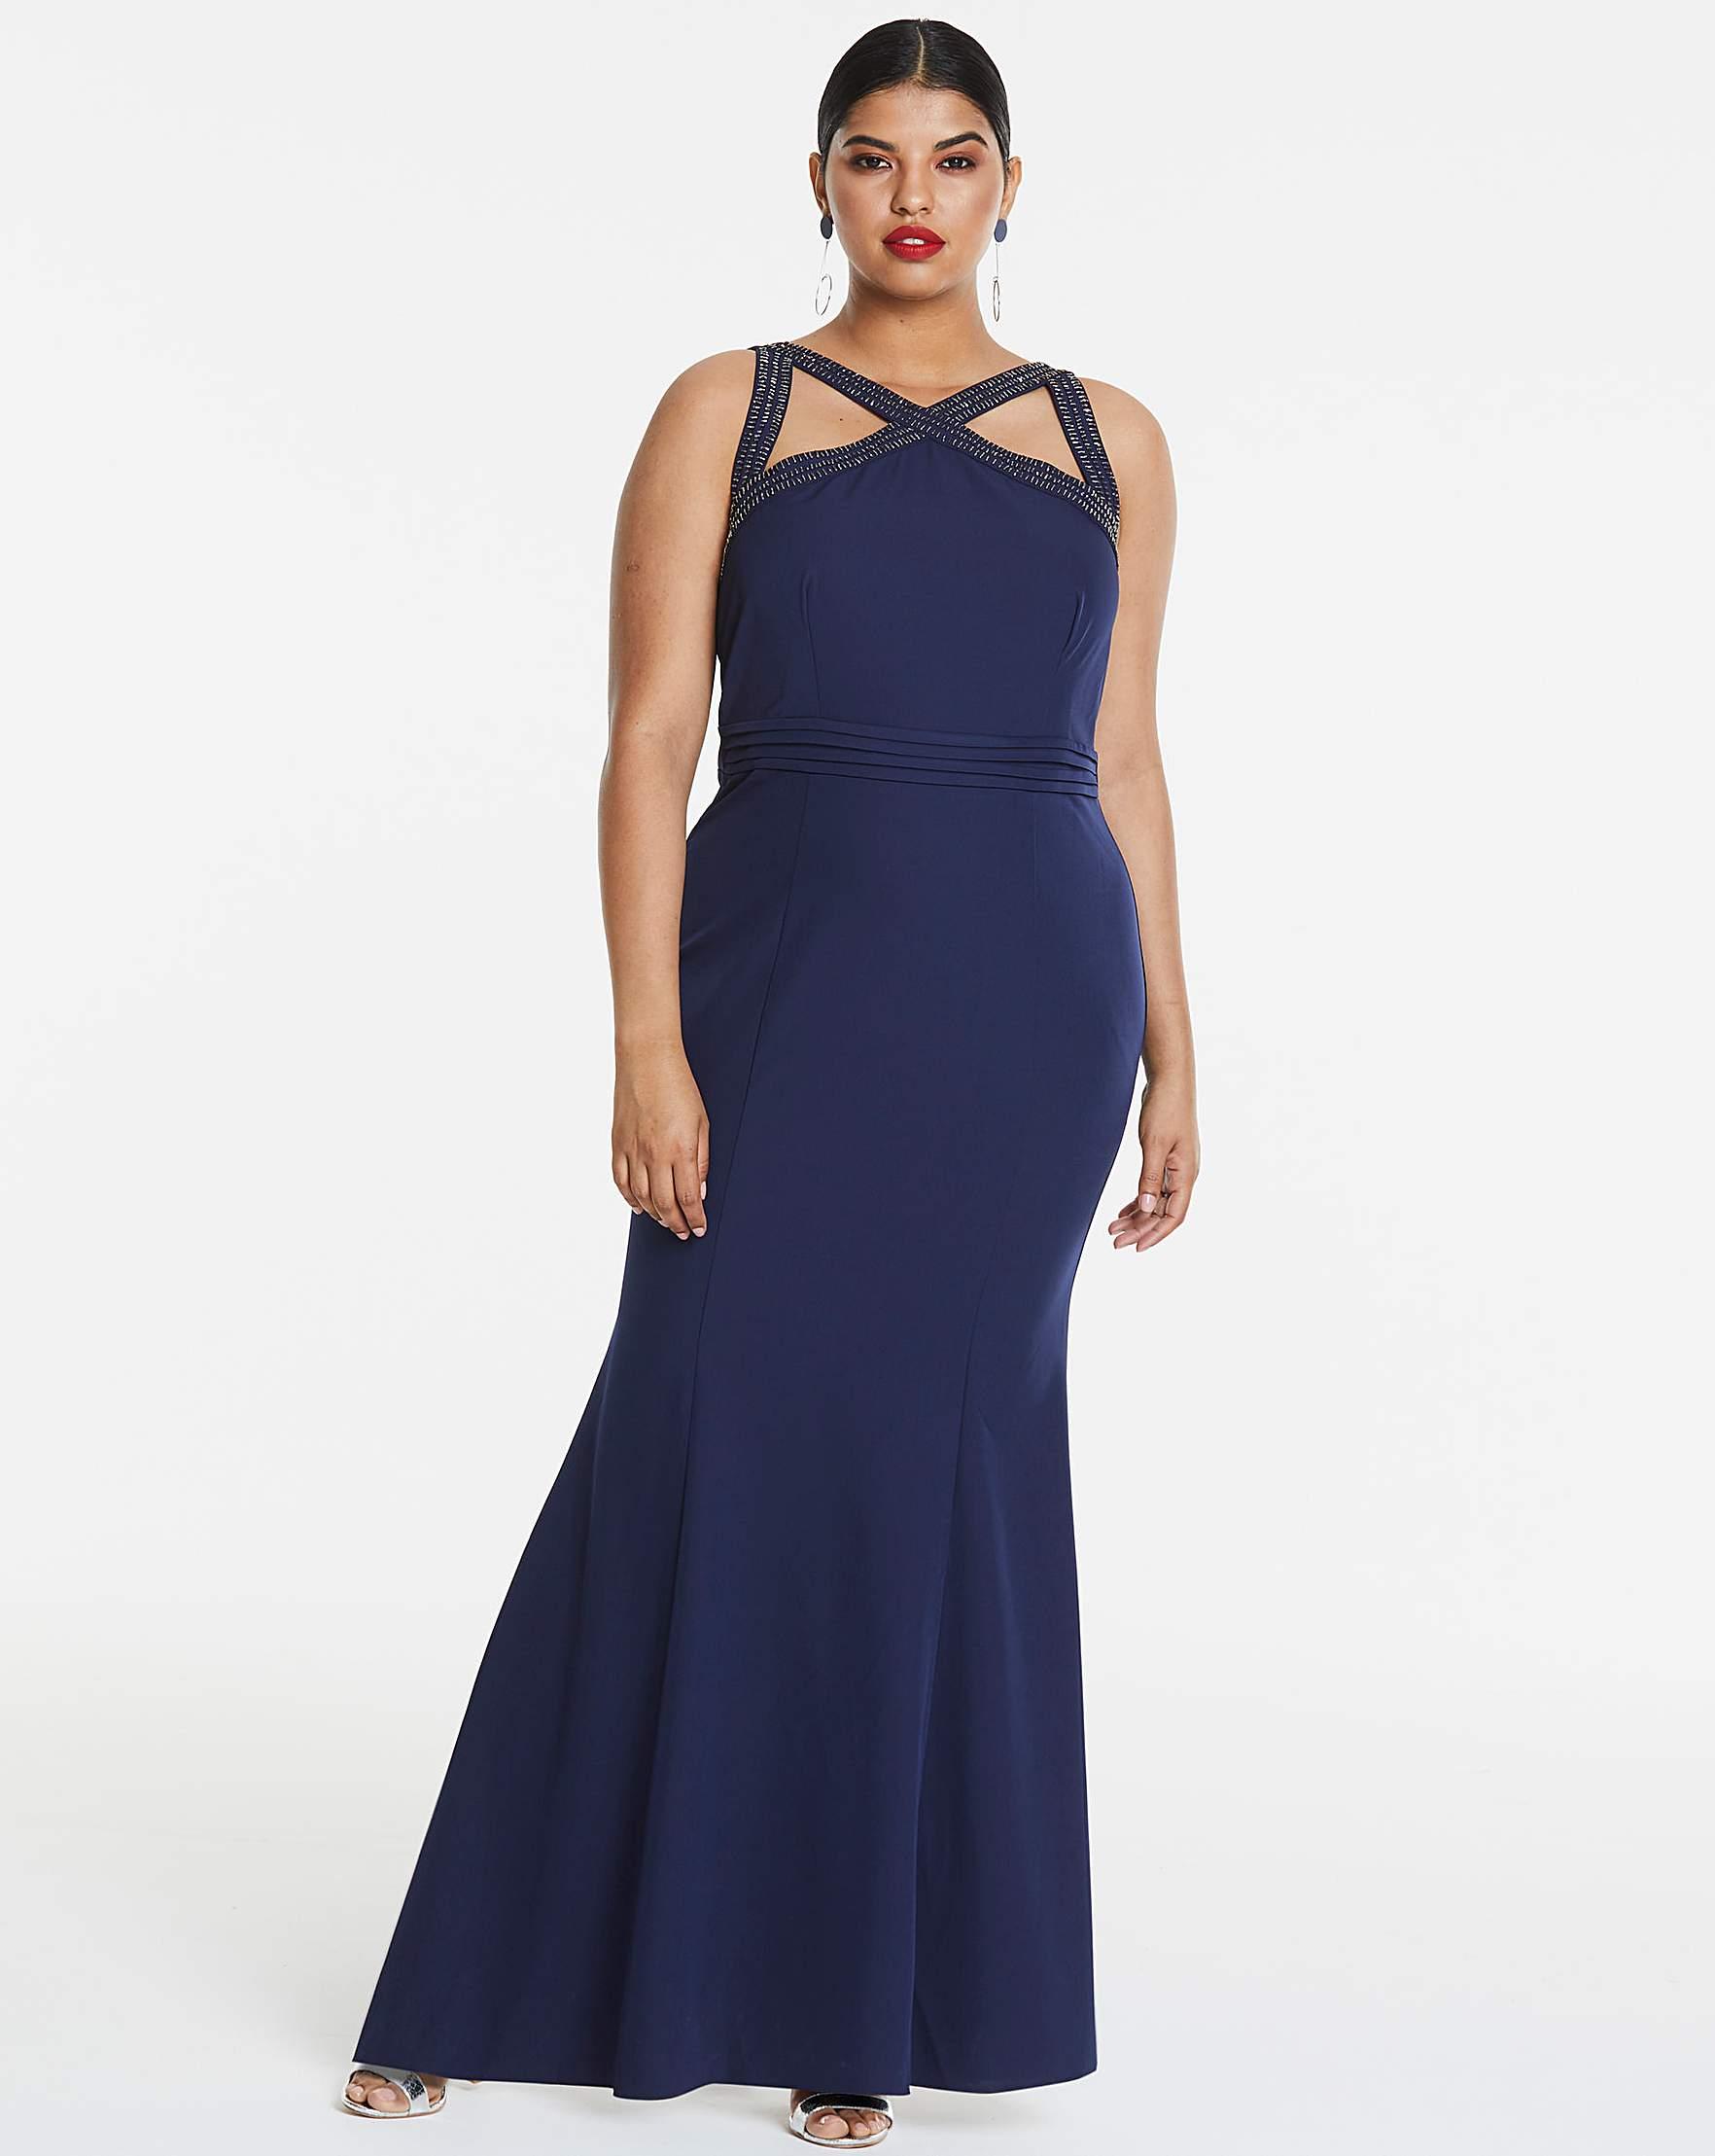 Little Mistress Navy Maxi Dress  19eab7739